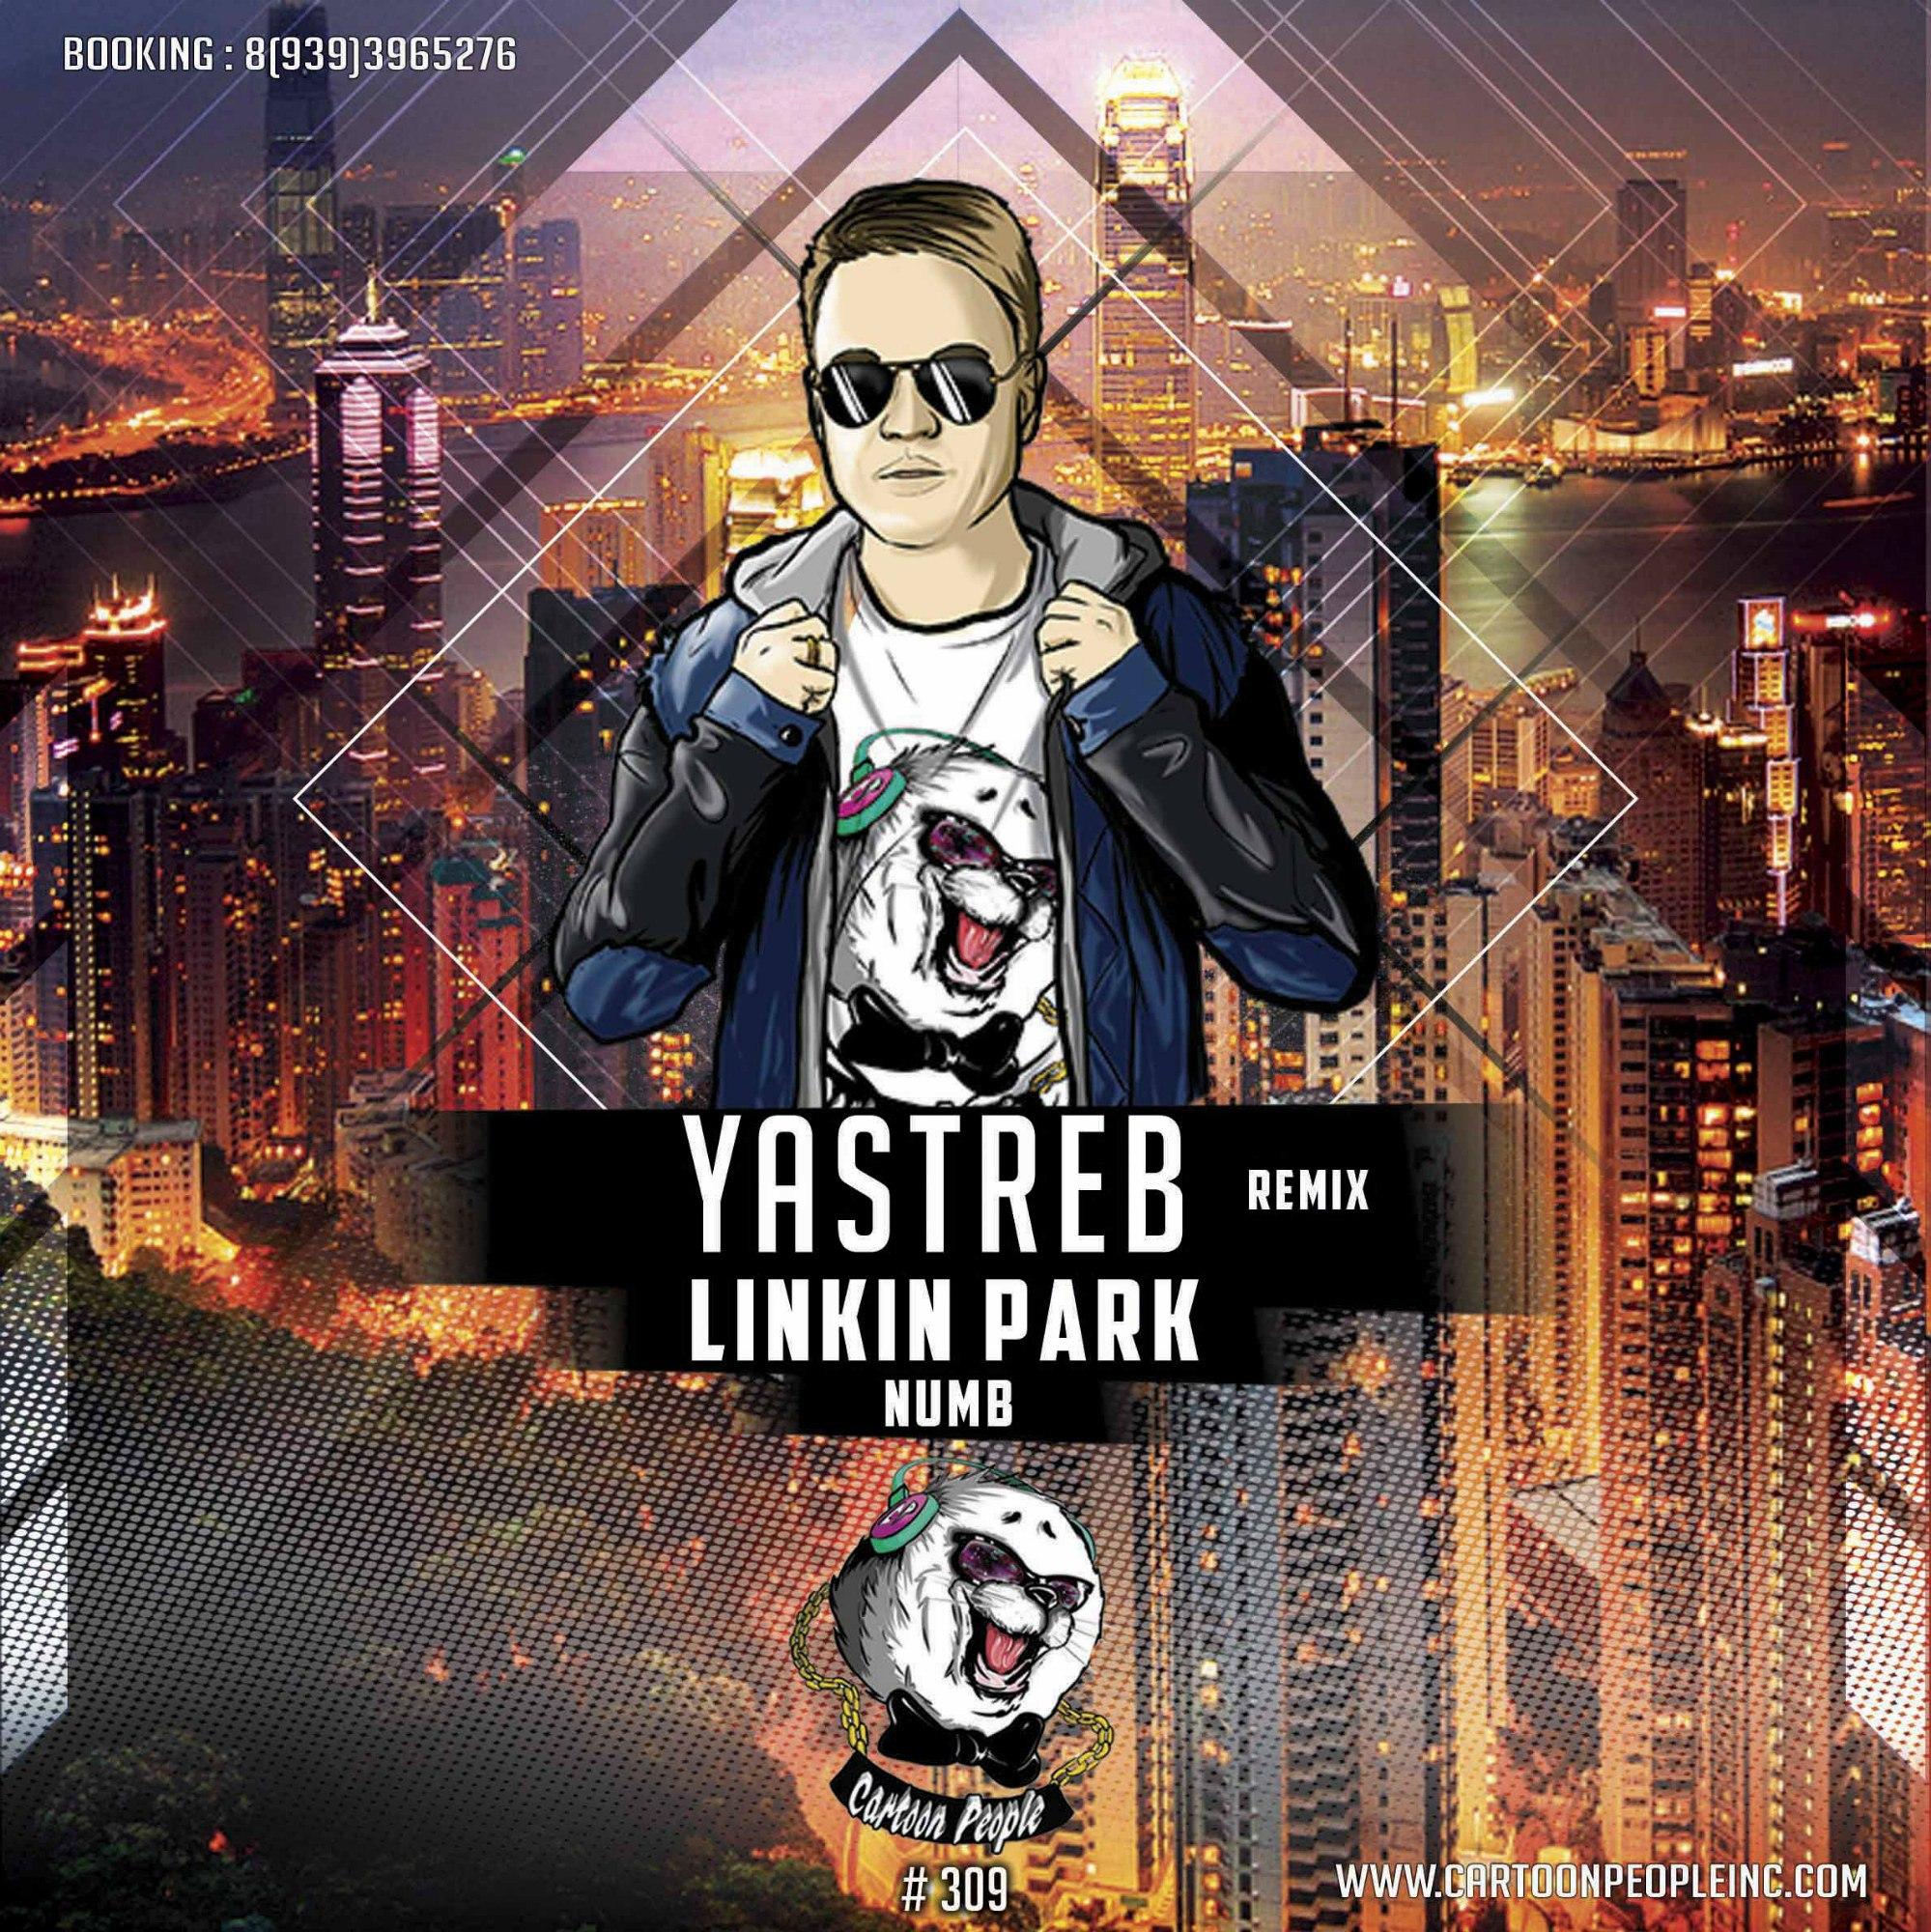 Linkin Park - Numb (YASTREB Radio Edit) – YASTREB